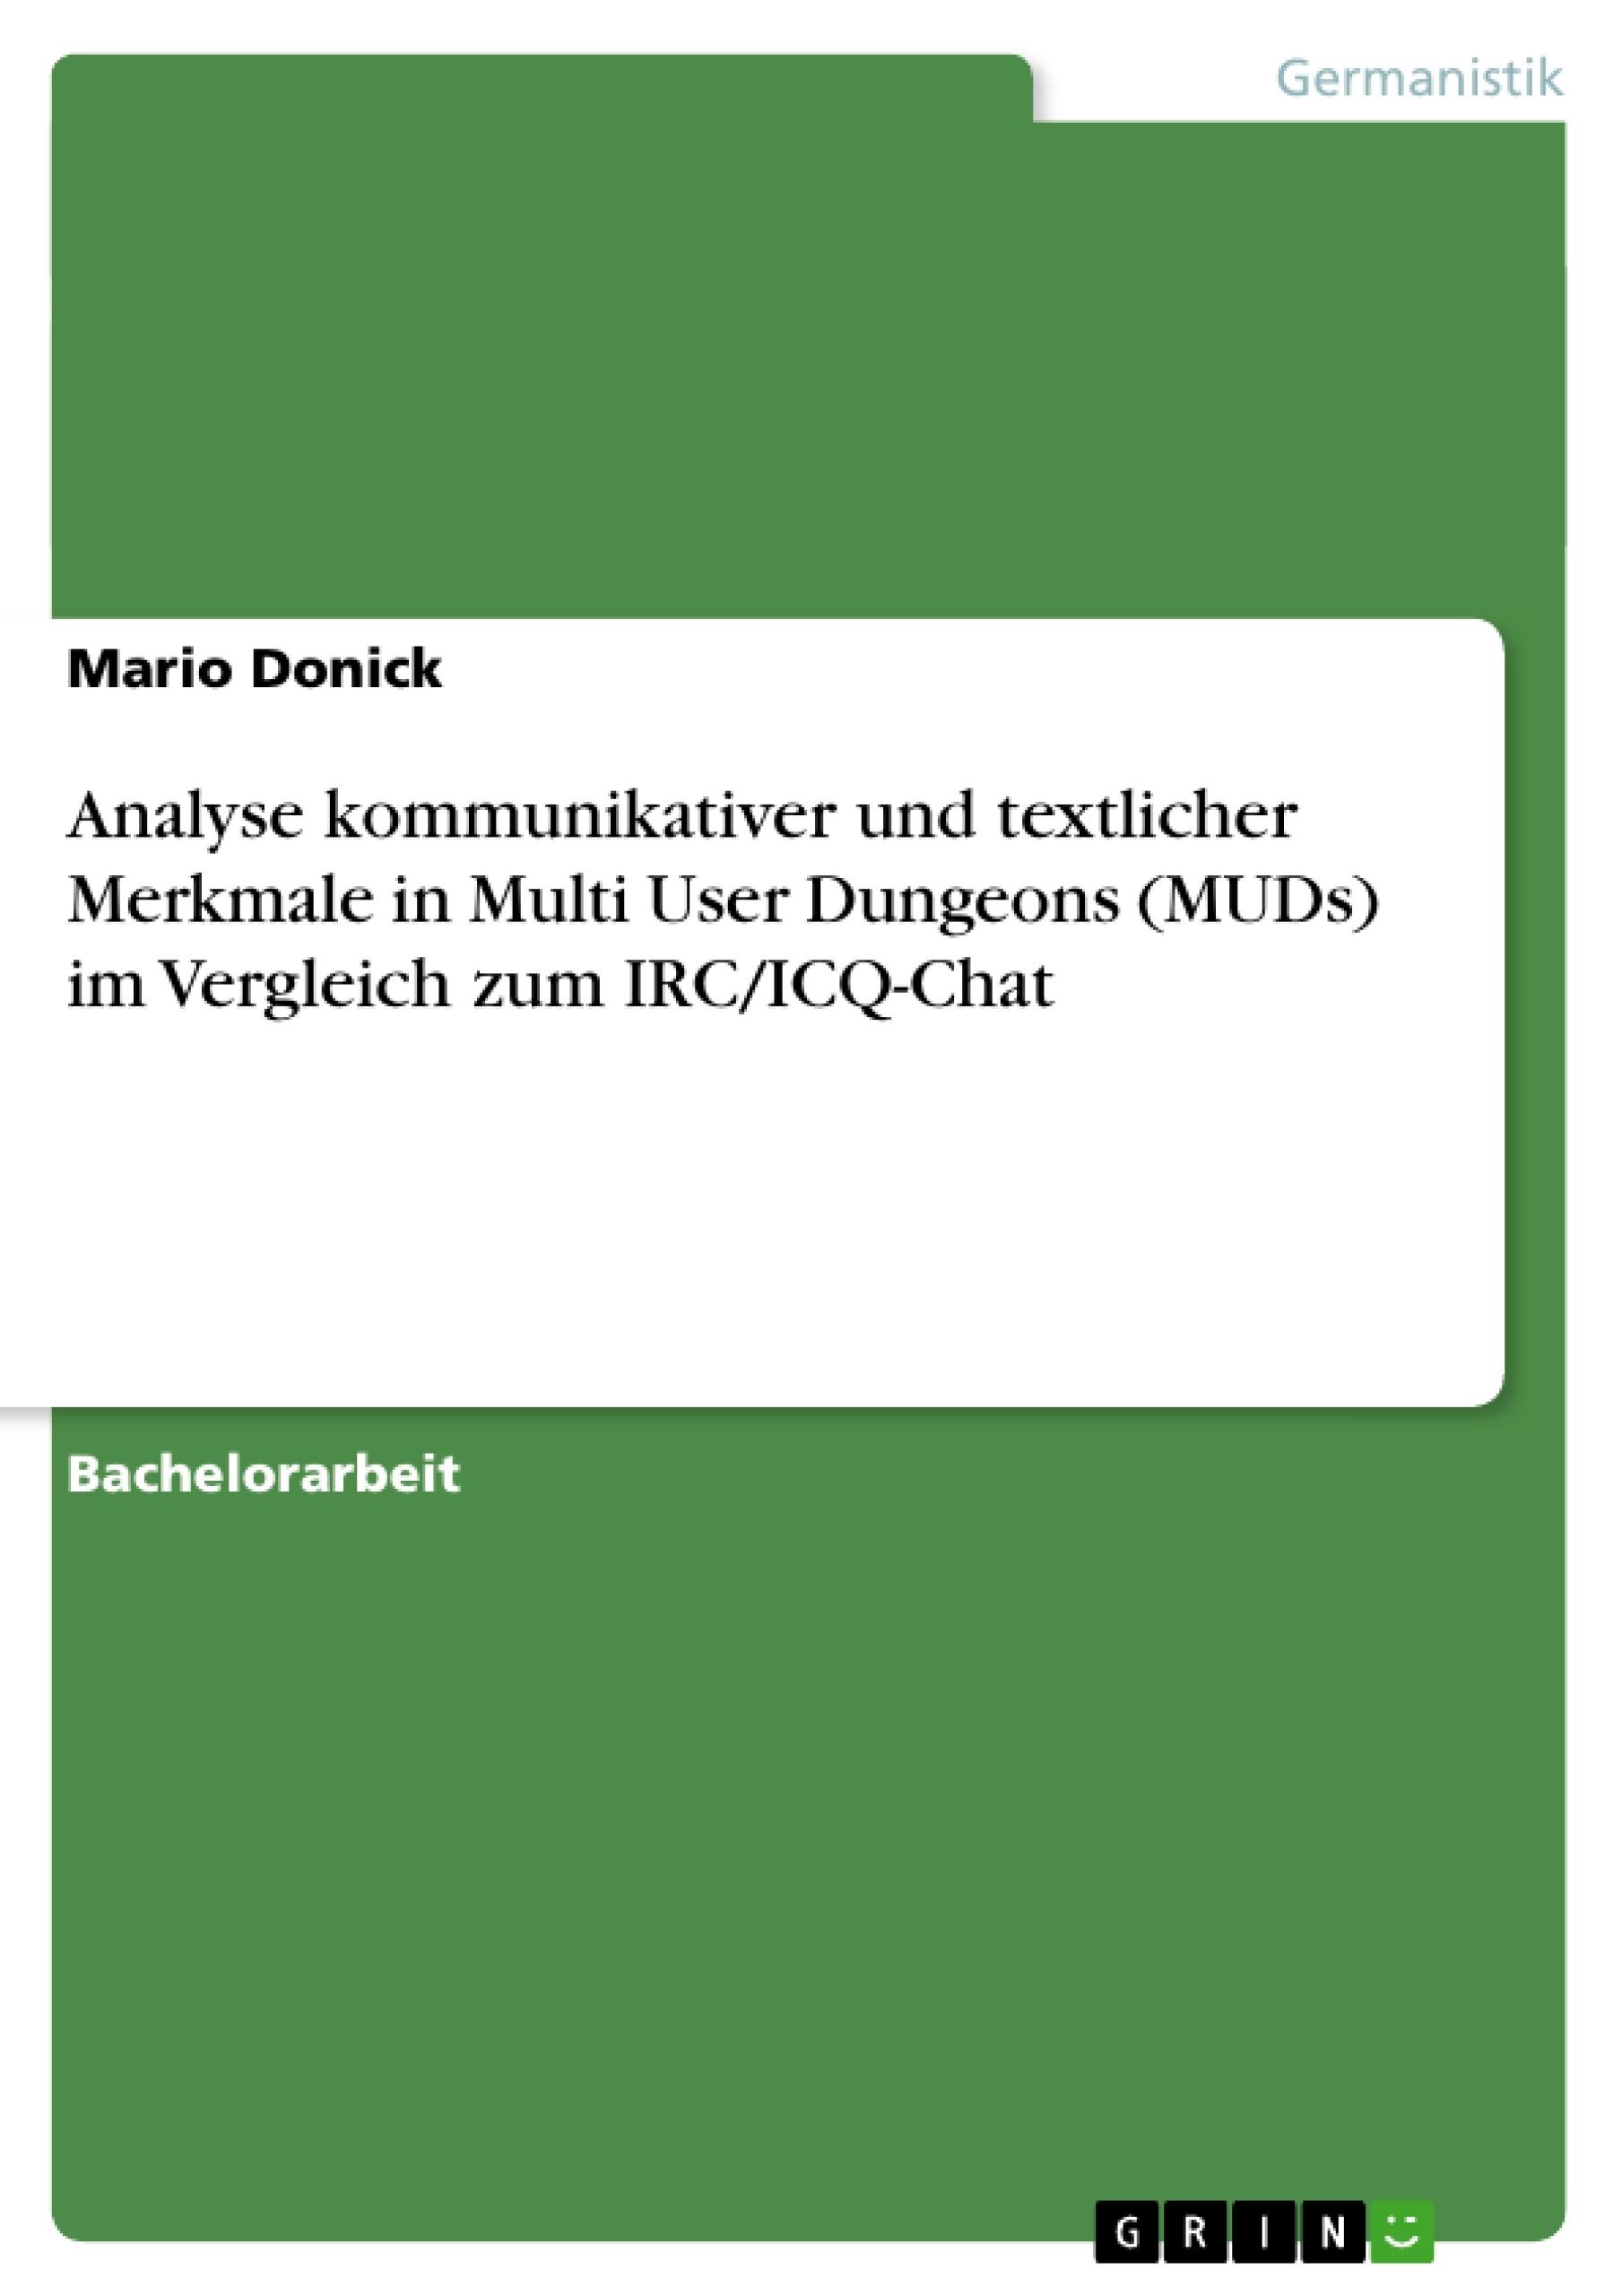 Titel: Analyse kommunikativer und textlicher Merkmale in Multi User Dungeons (MUDs) im Vergleich zum IRC/ICQ-Chat